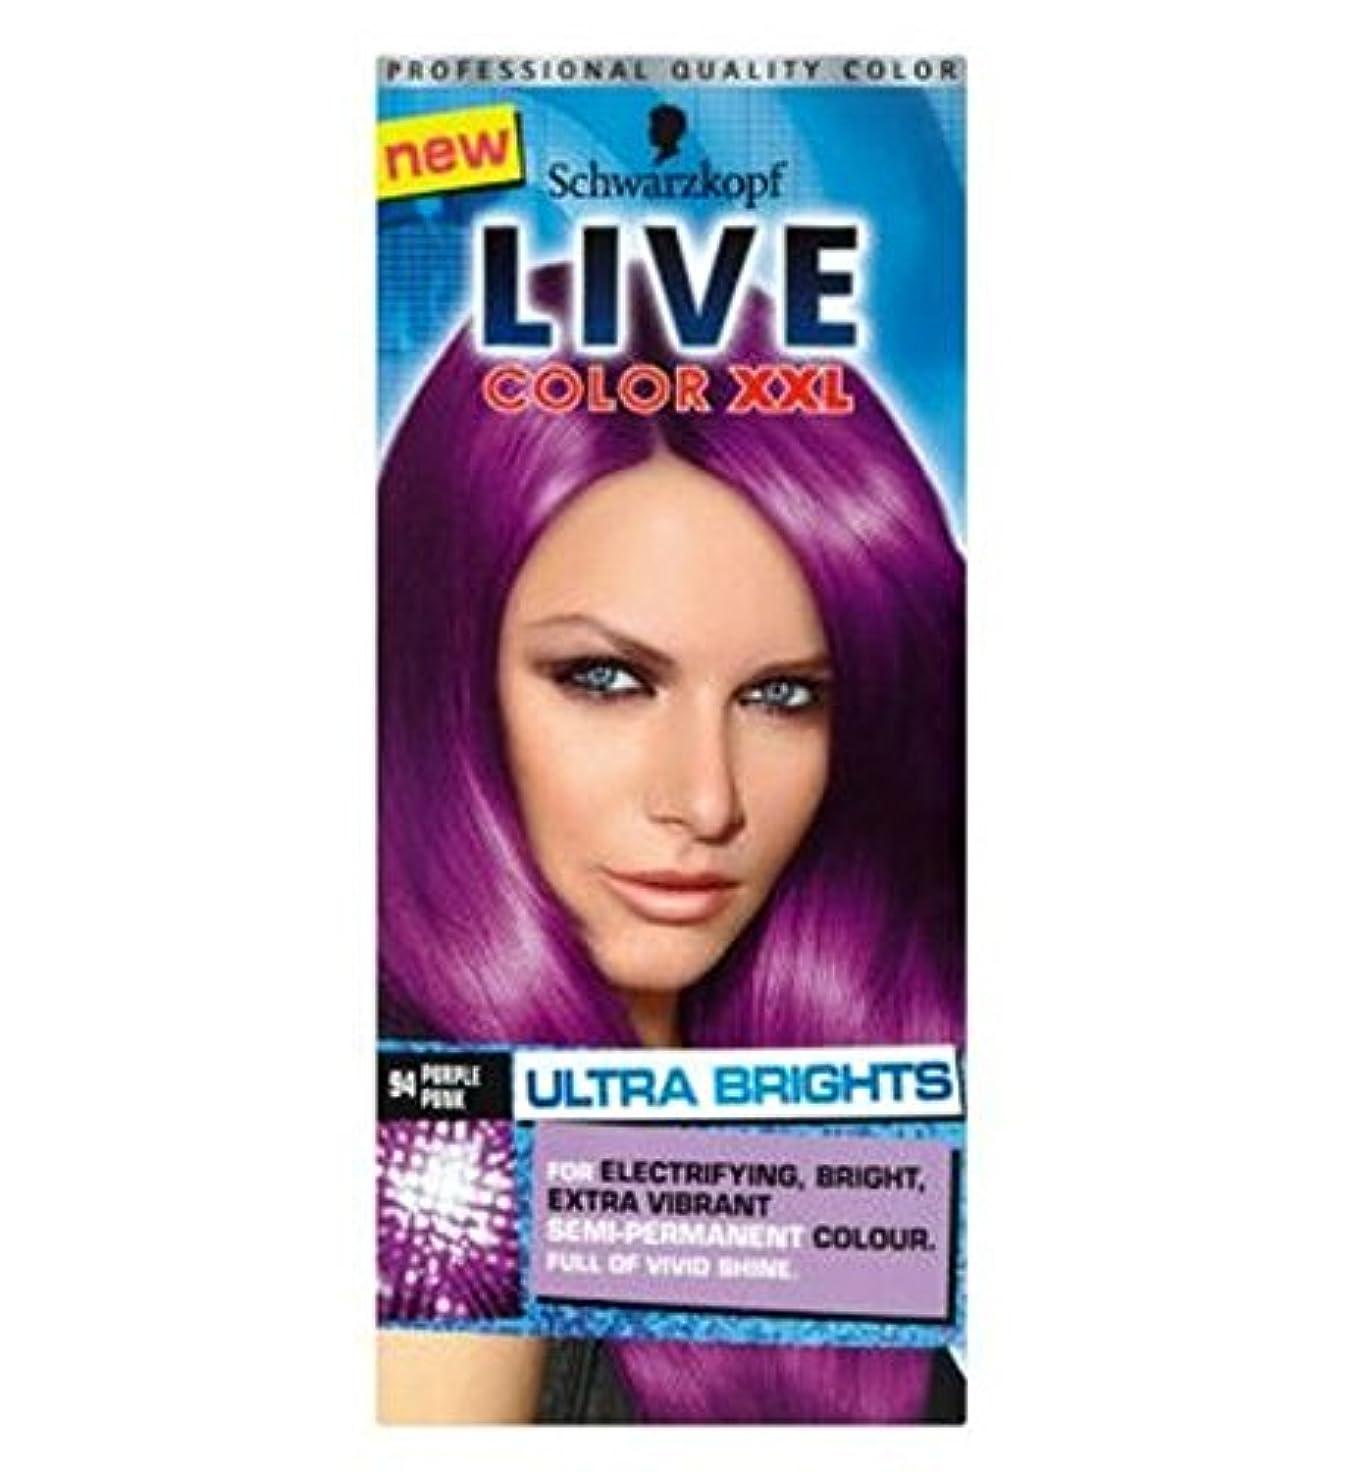 困惑したのみしがみつくシュワルツコフライブカラーXxl超輝94紫パンク半永久的な紫色の染毛剤 (Schwarzkopf) (x2) - Schwarzkopf LIVE Color XXL Ultra Brights 94 Purple Punk Semi-Permanent Purple Hair Dye (Pack of 2) [並行輸入品]